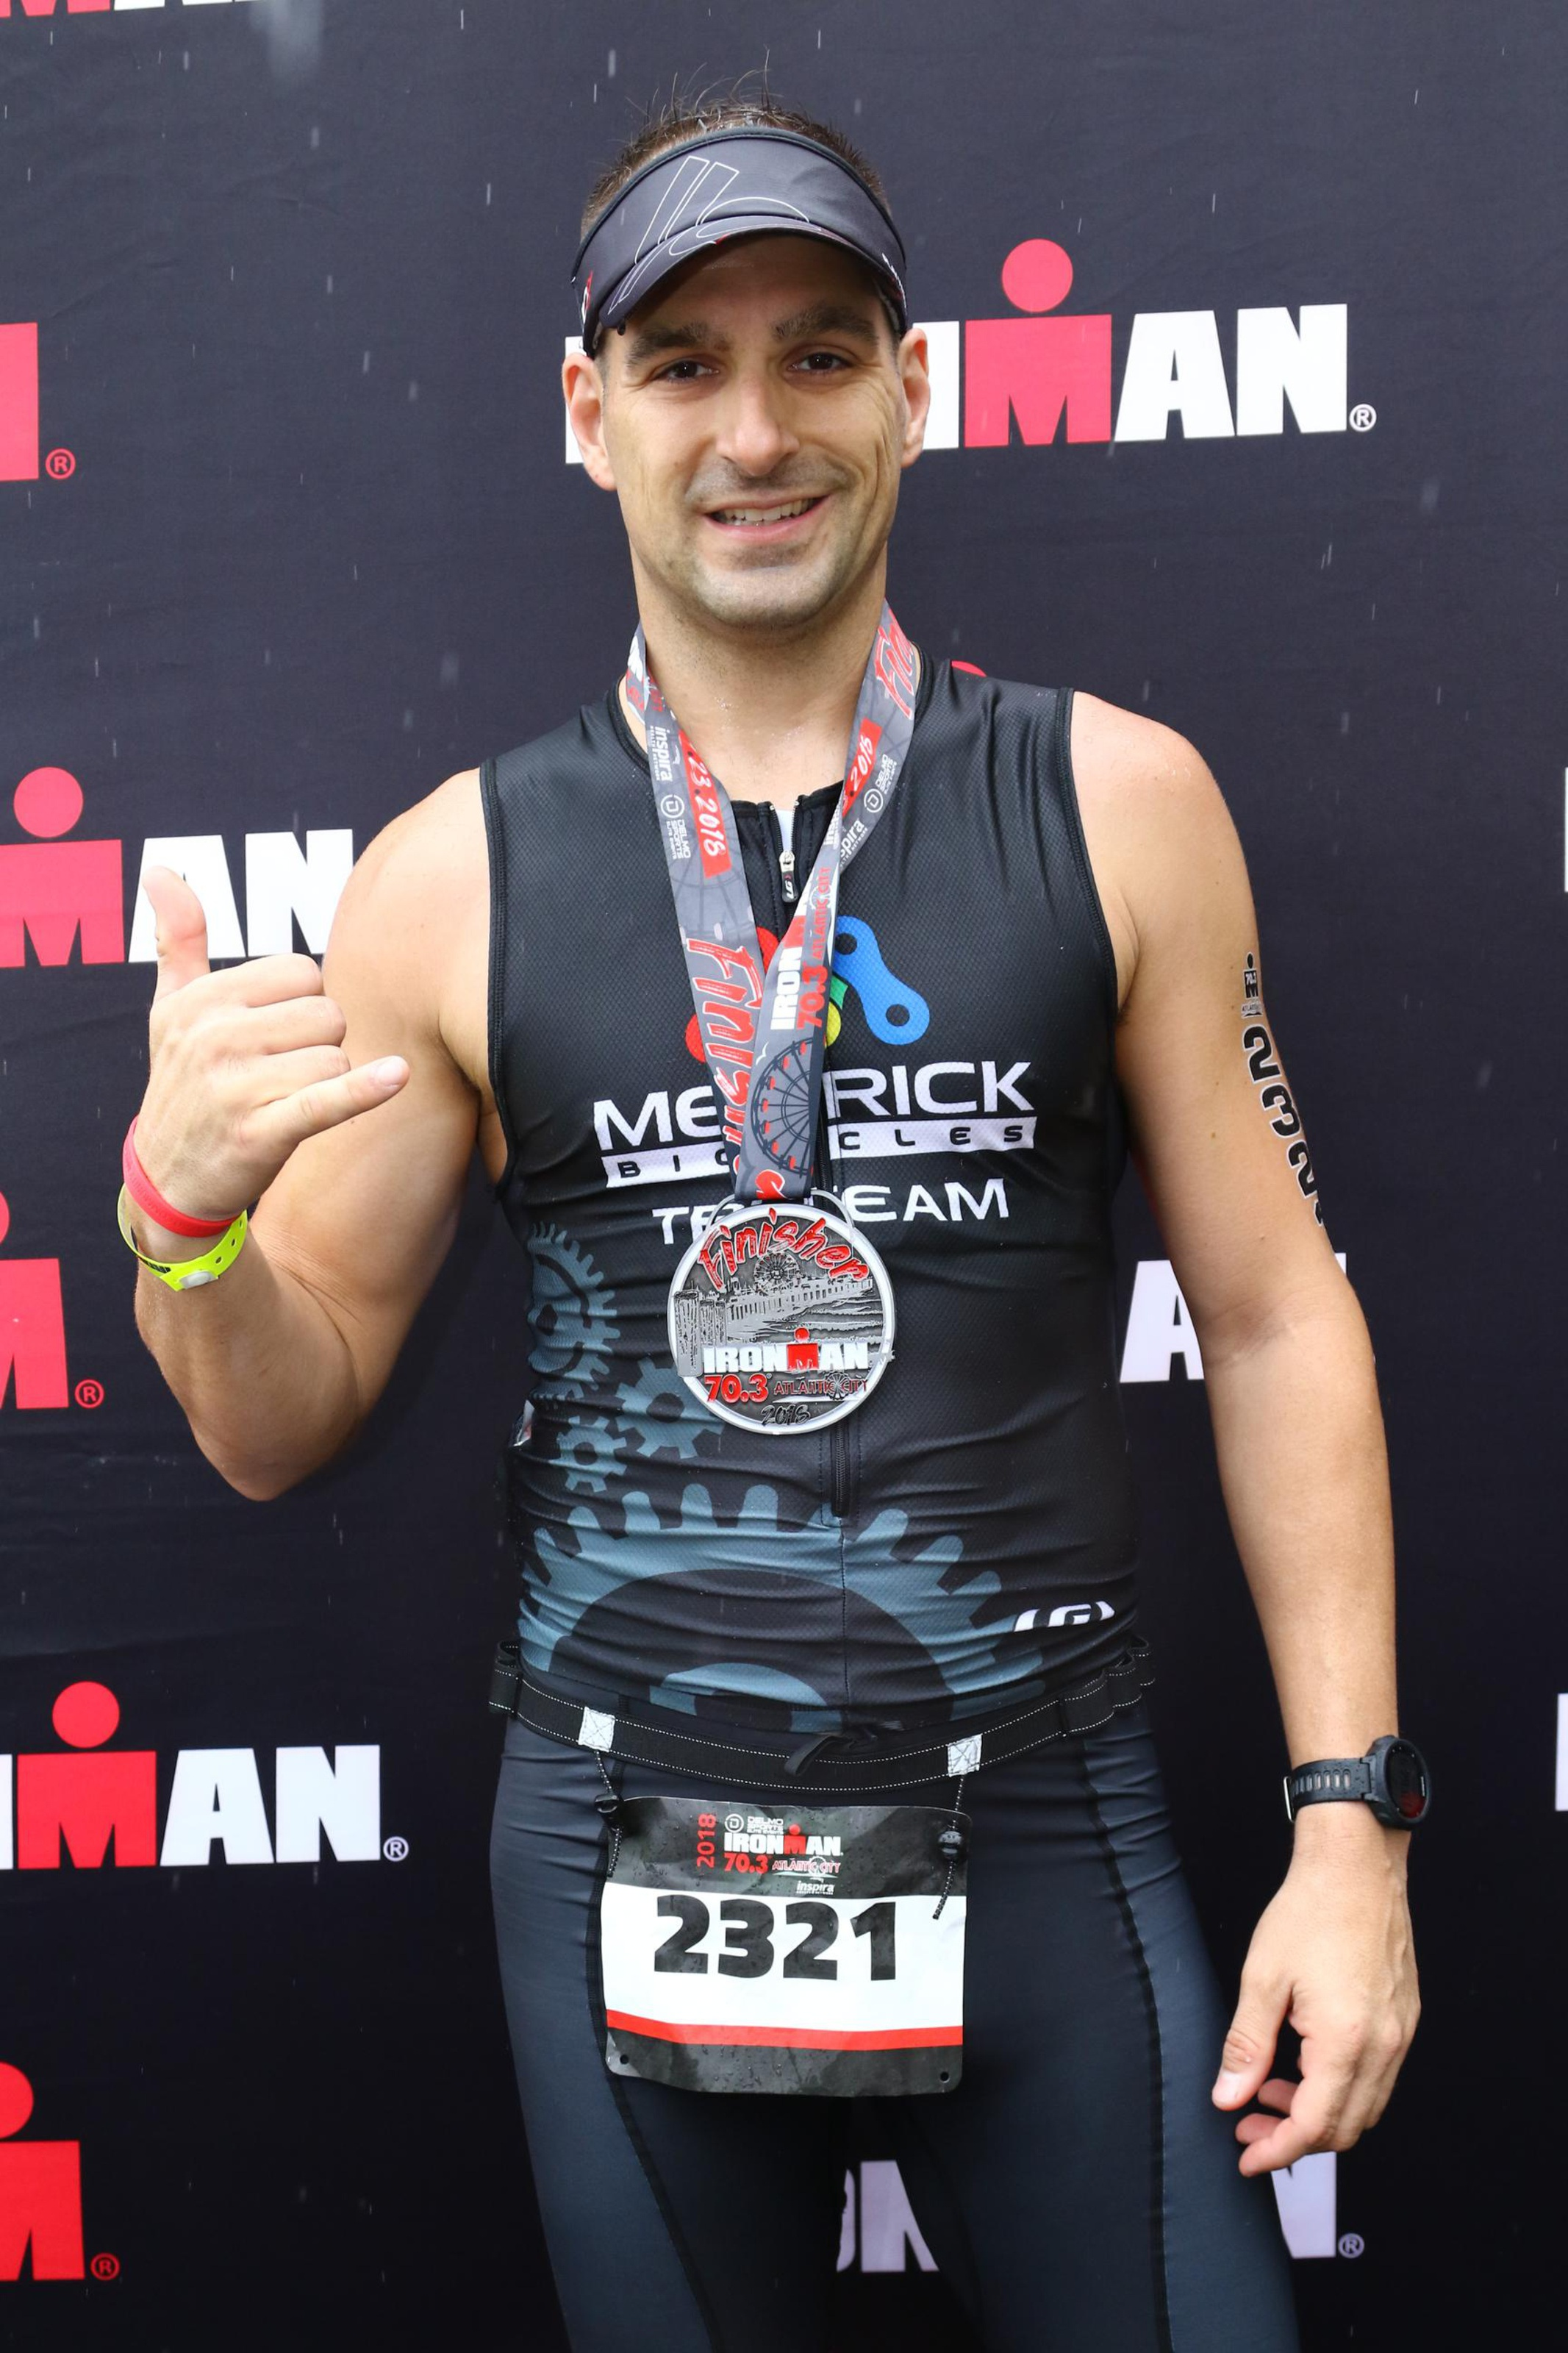 Ken Tymecki - 2018 Ironman Maine 70.3 Finisher